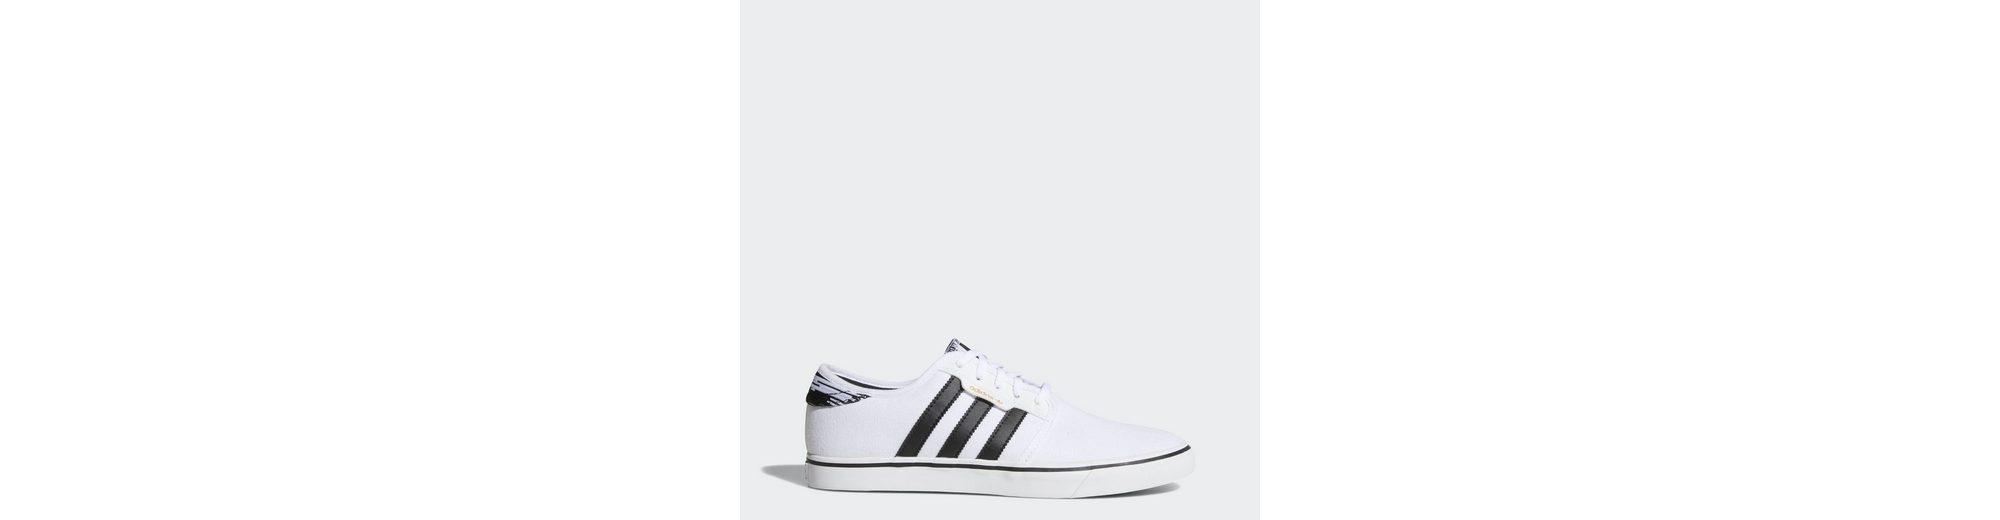 Kostenloser Versand adidas Originals Seeley Schuh Skateschuh Günstig Kaufen Footlocker Online J1bV7Hf